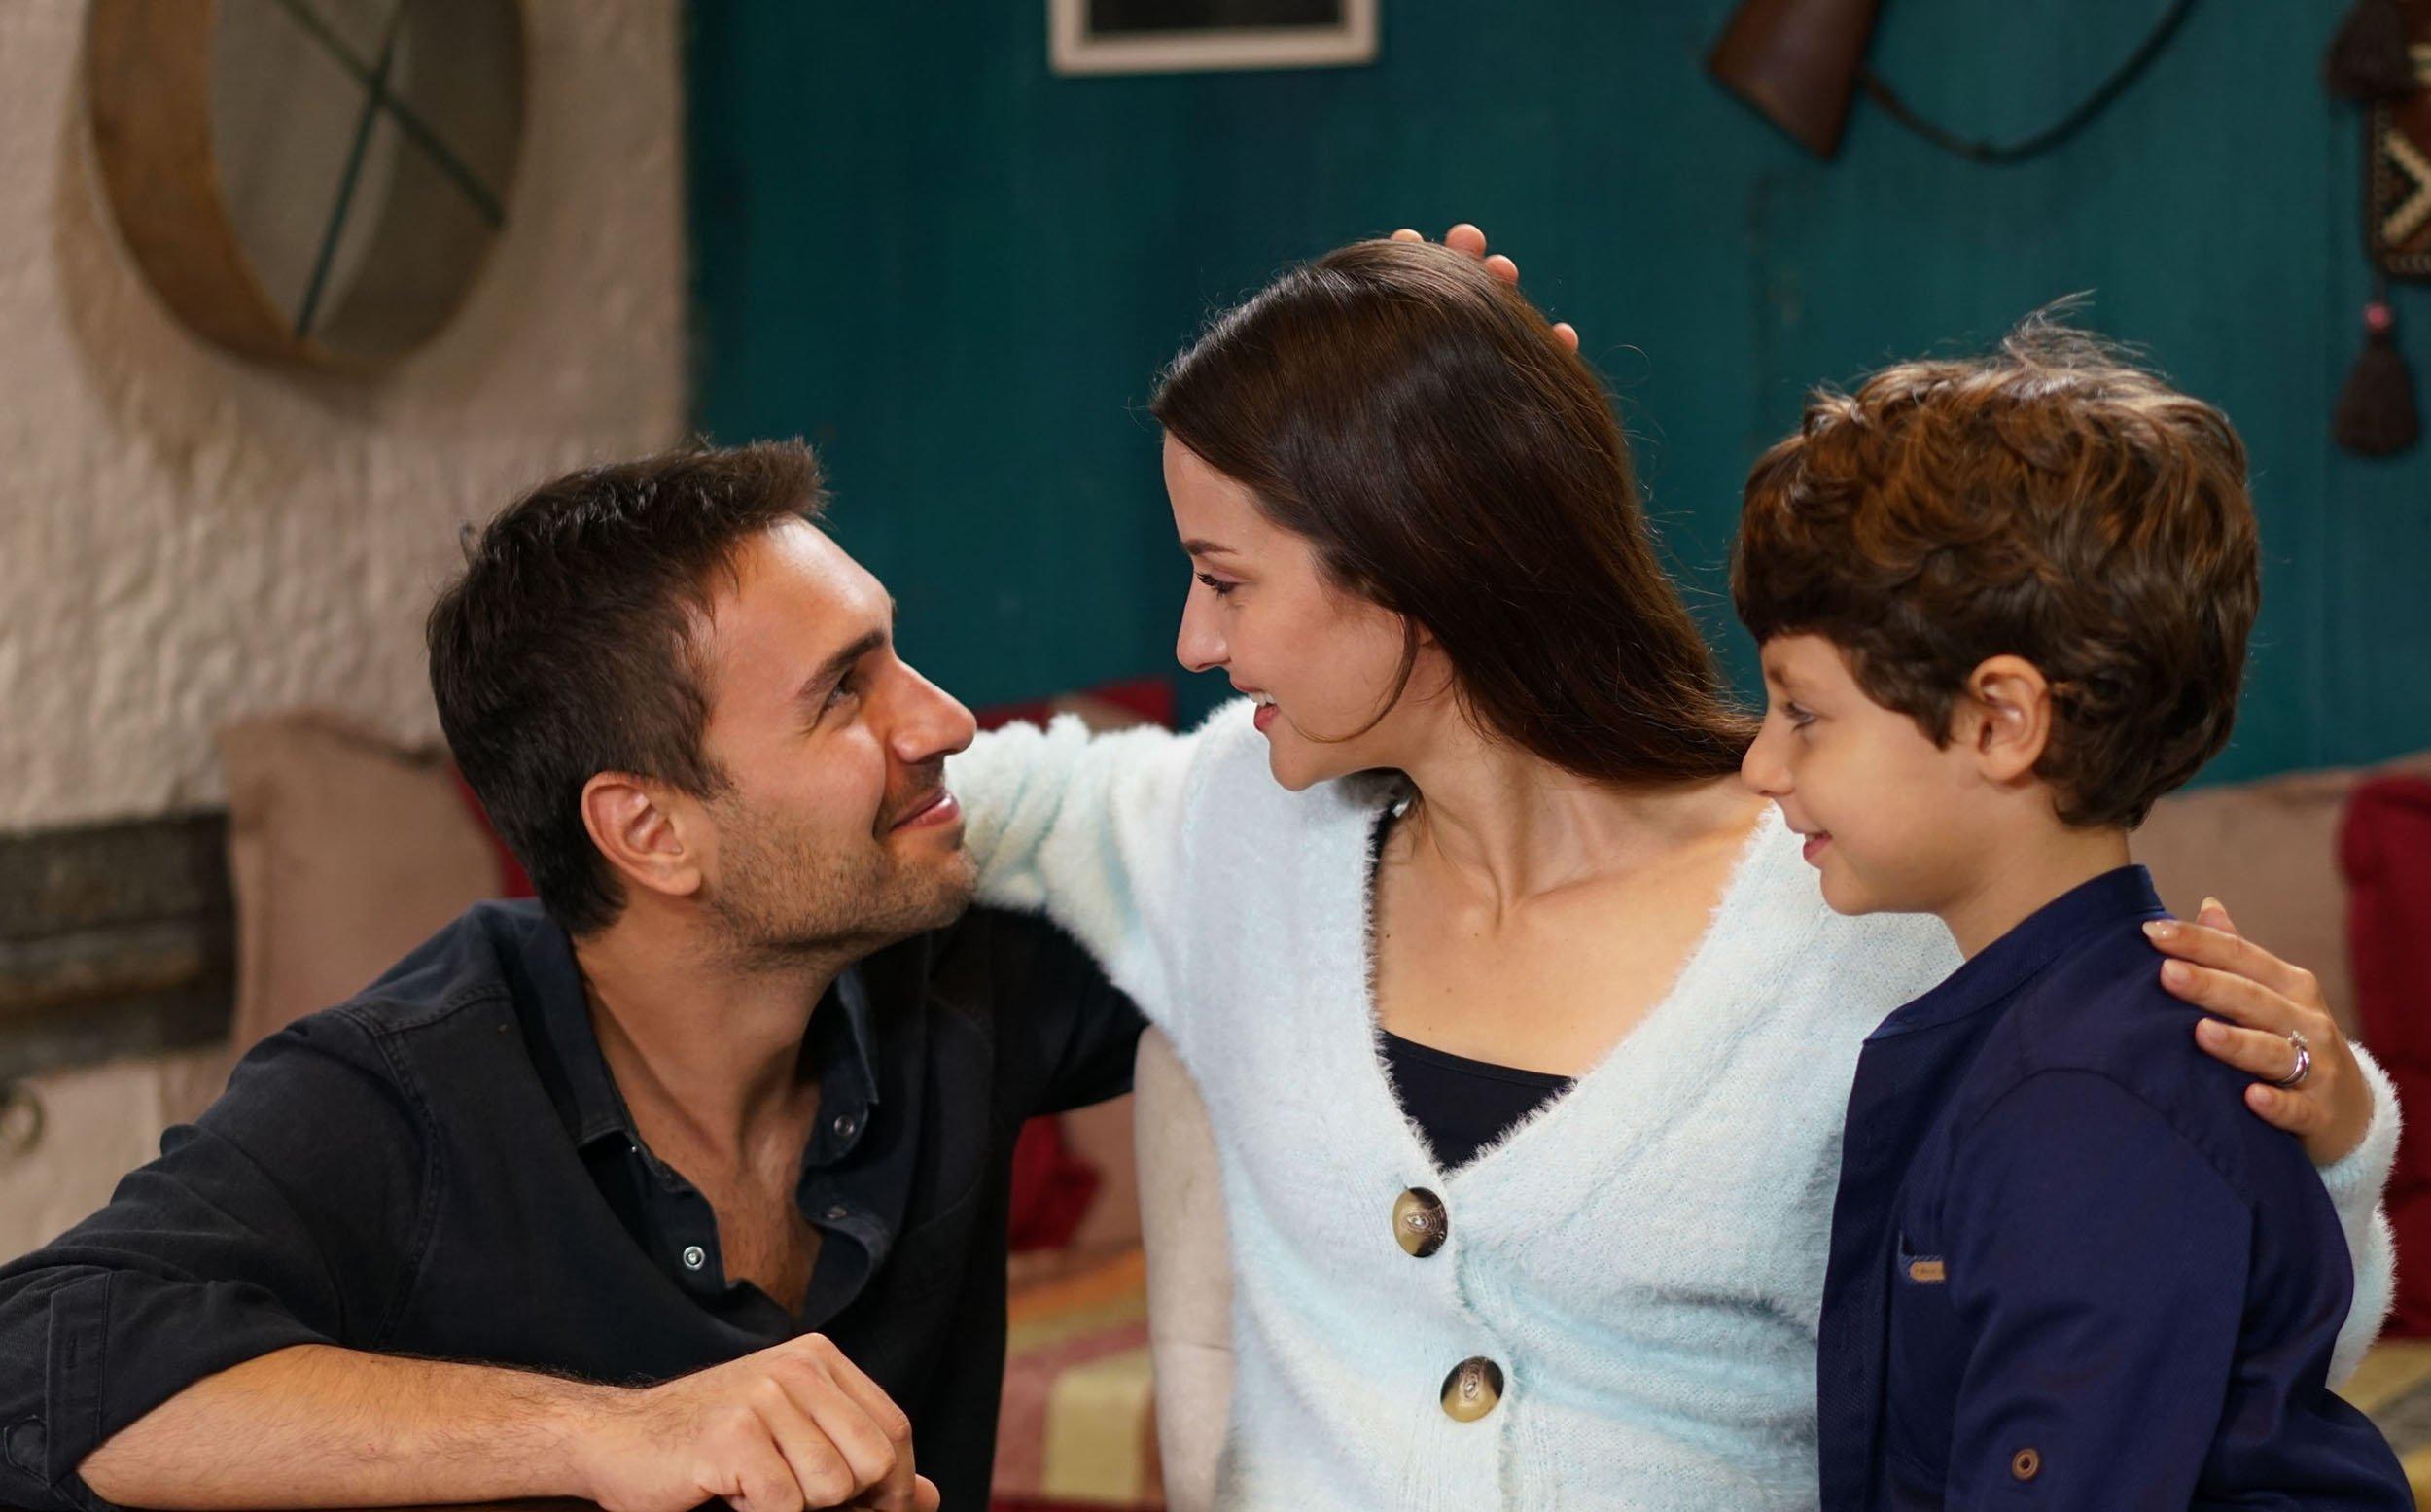 A still shot from 'Sen Anlat Karadeniz' shows actor Ulaş Tuna Astepe as Tahir (L), actress İrem Helvacıoğlu as Nefes (C) and Demir Birinci as Yiğit.